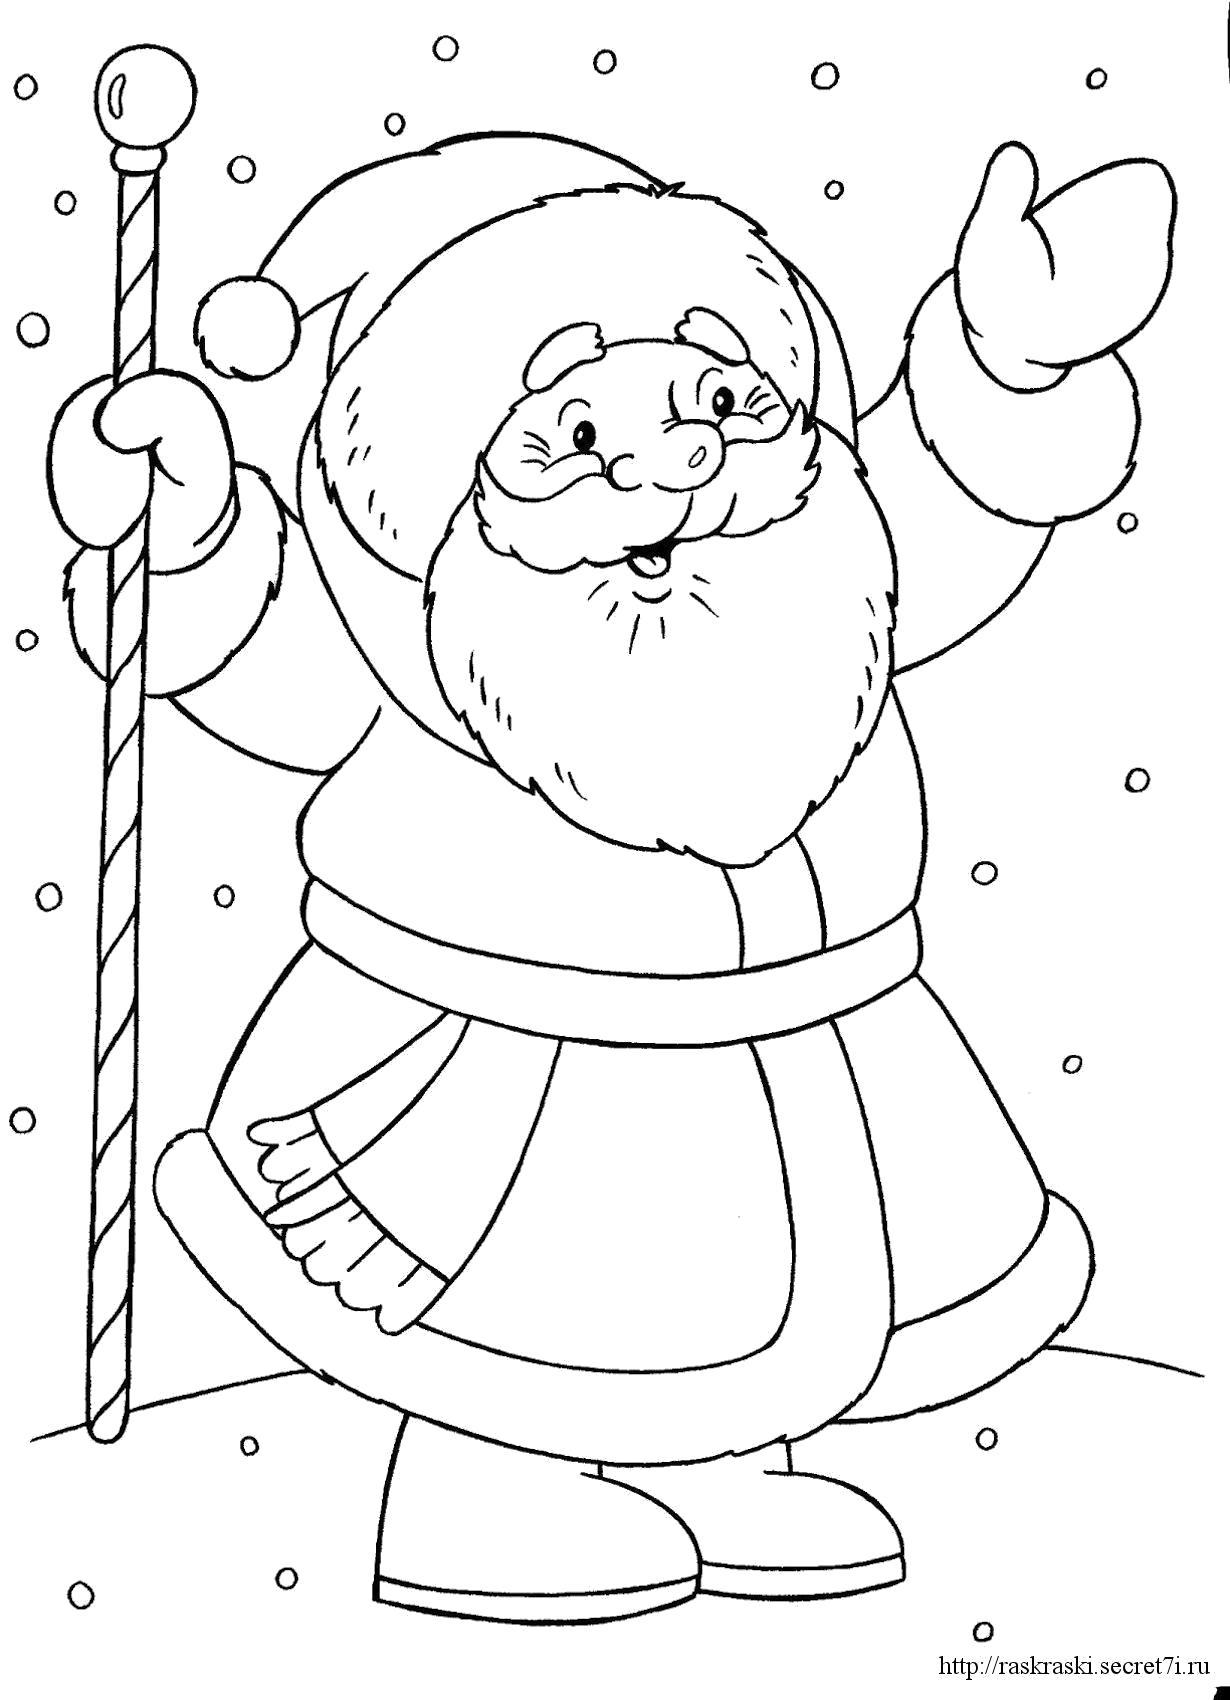 Раскраска дед мороз радуется. Скачать новогодние.  Распечатать новогодние